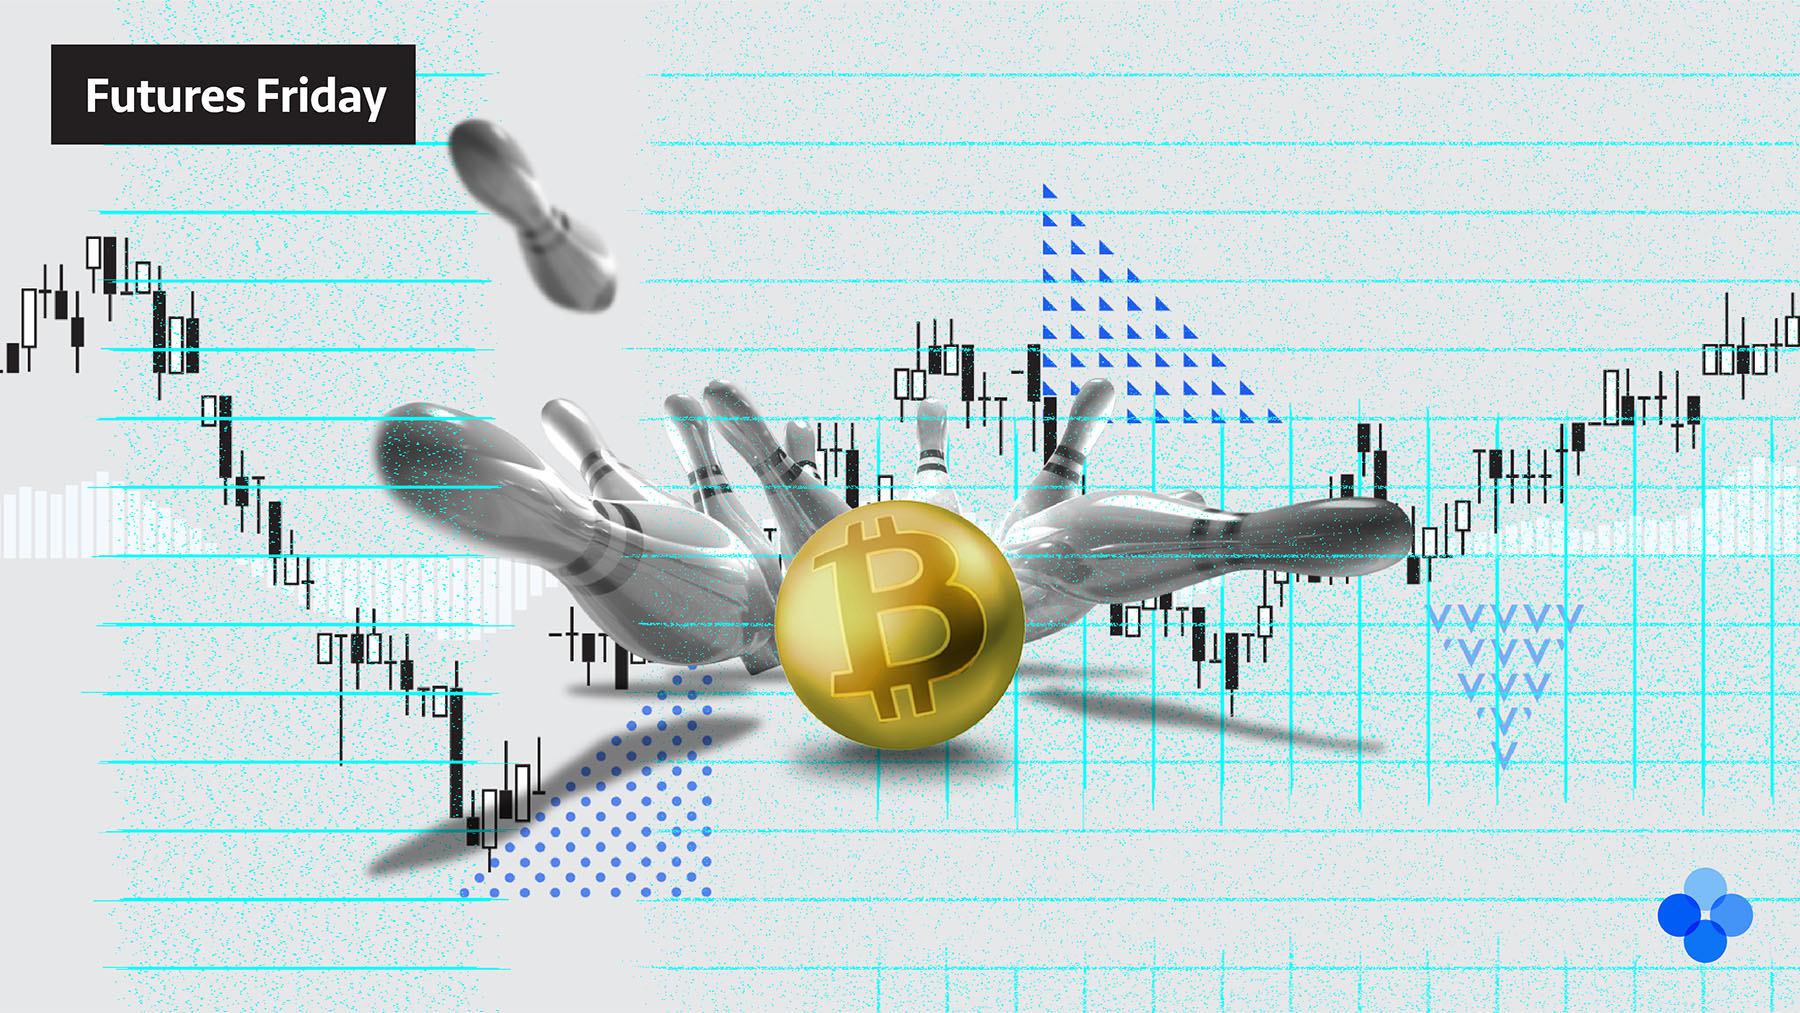 tirdzniecība bitcoin tik peļņu labākās bināro opcijas signalizē lietotnes